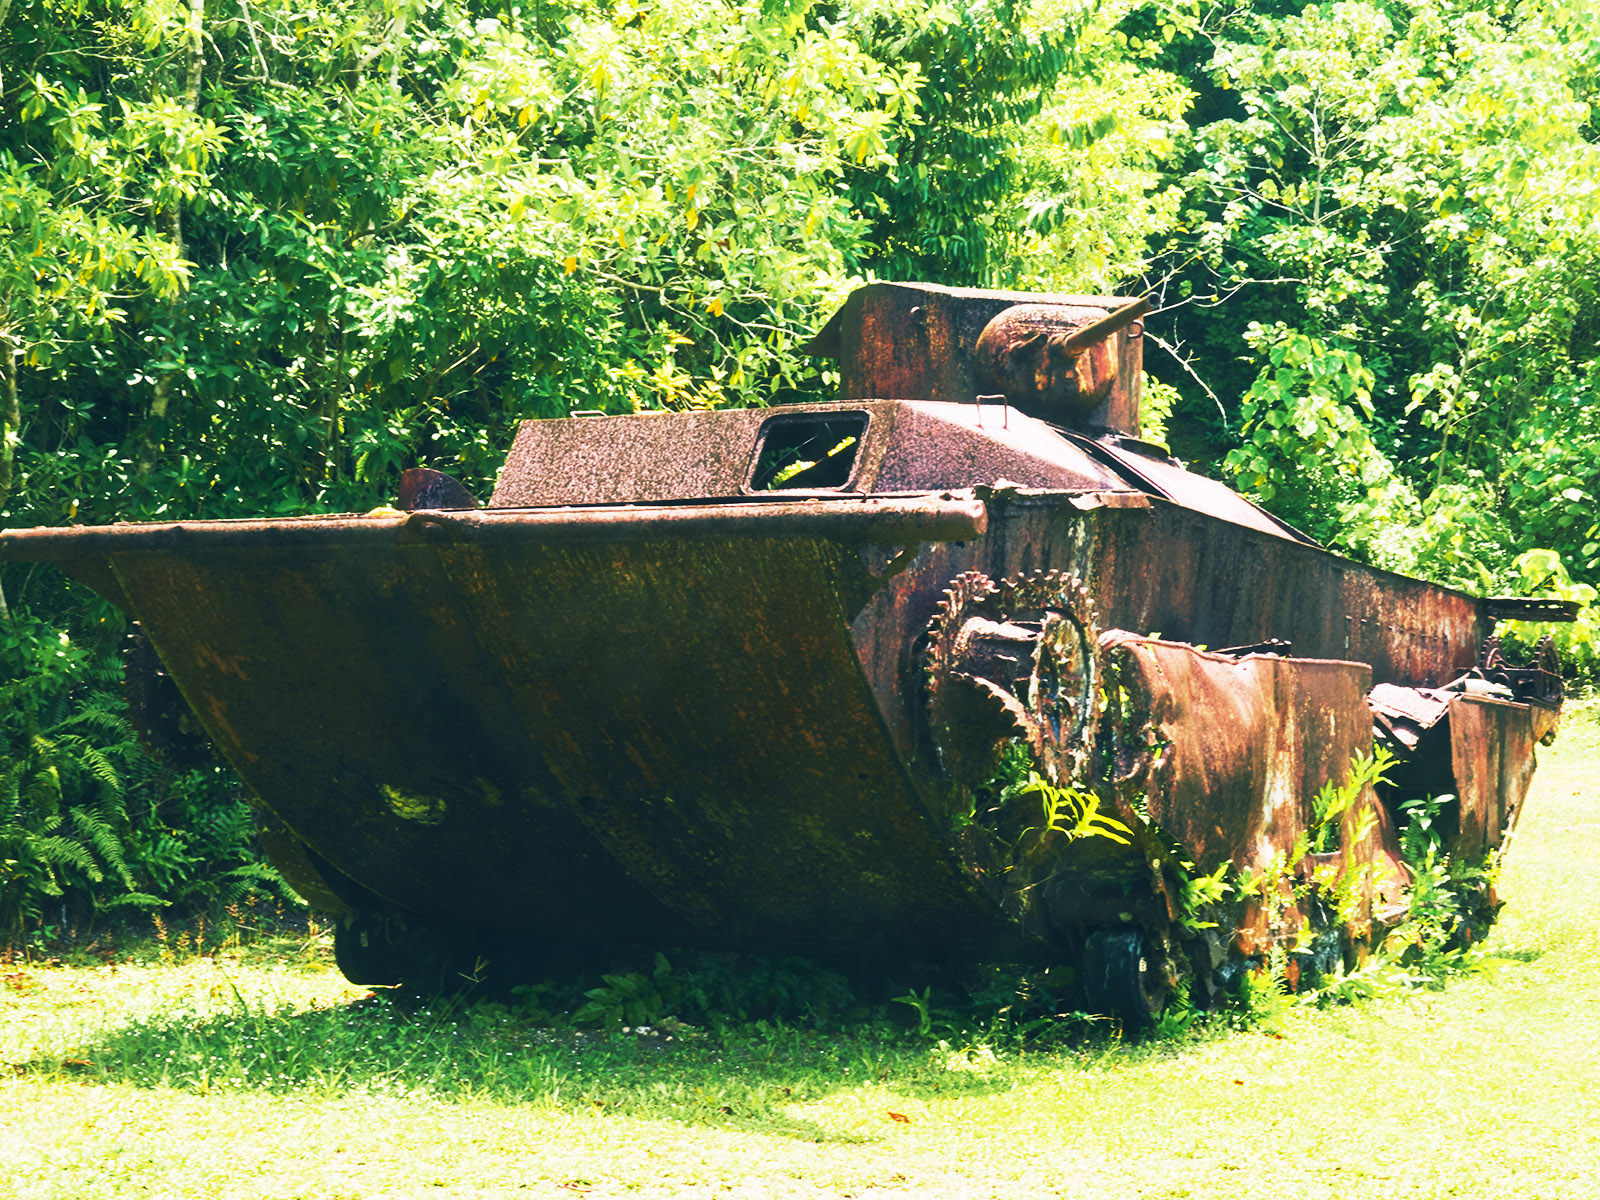 ペリリュー島の観光ガイド|日本とも歴史深い名所の見どころや人気ツアー